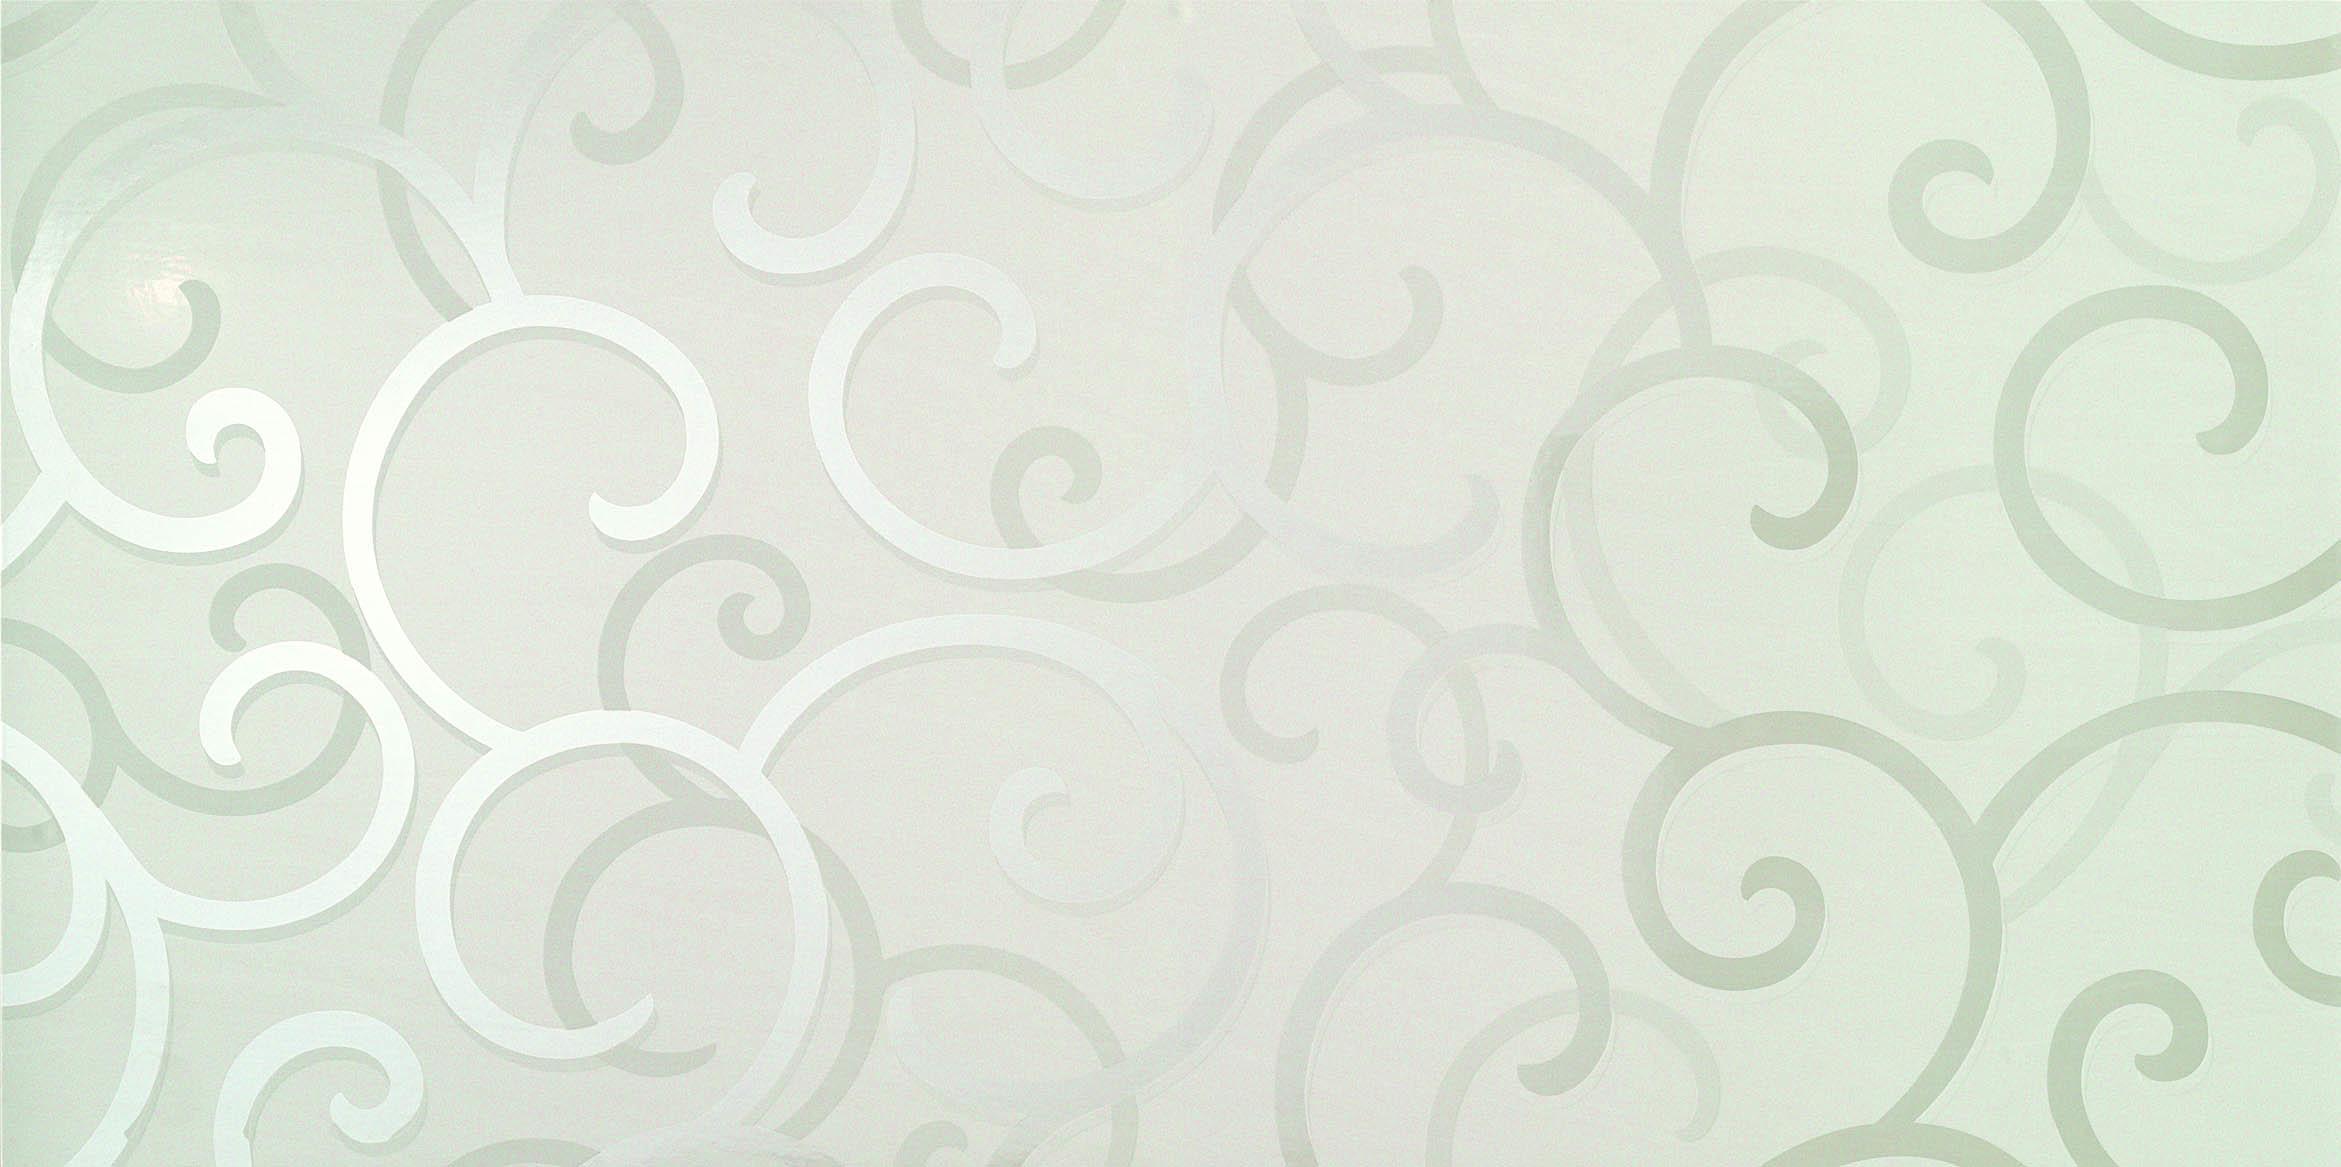 Velkoformatovy keramicky obklad